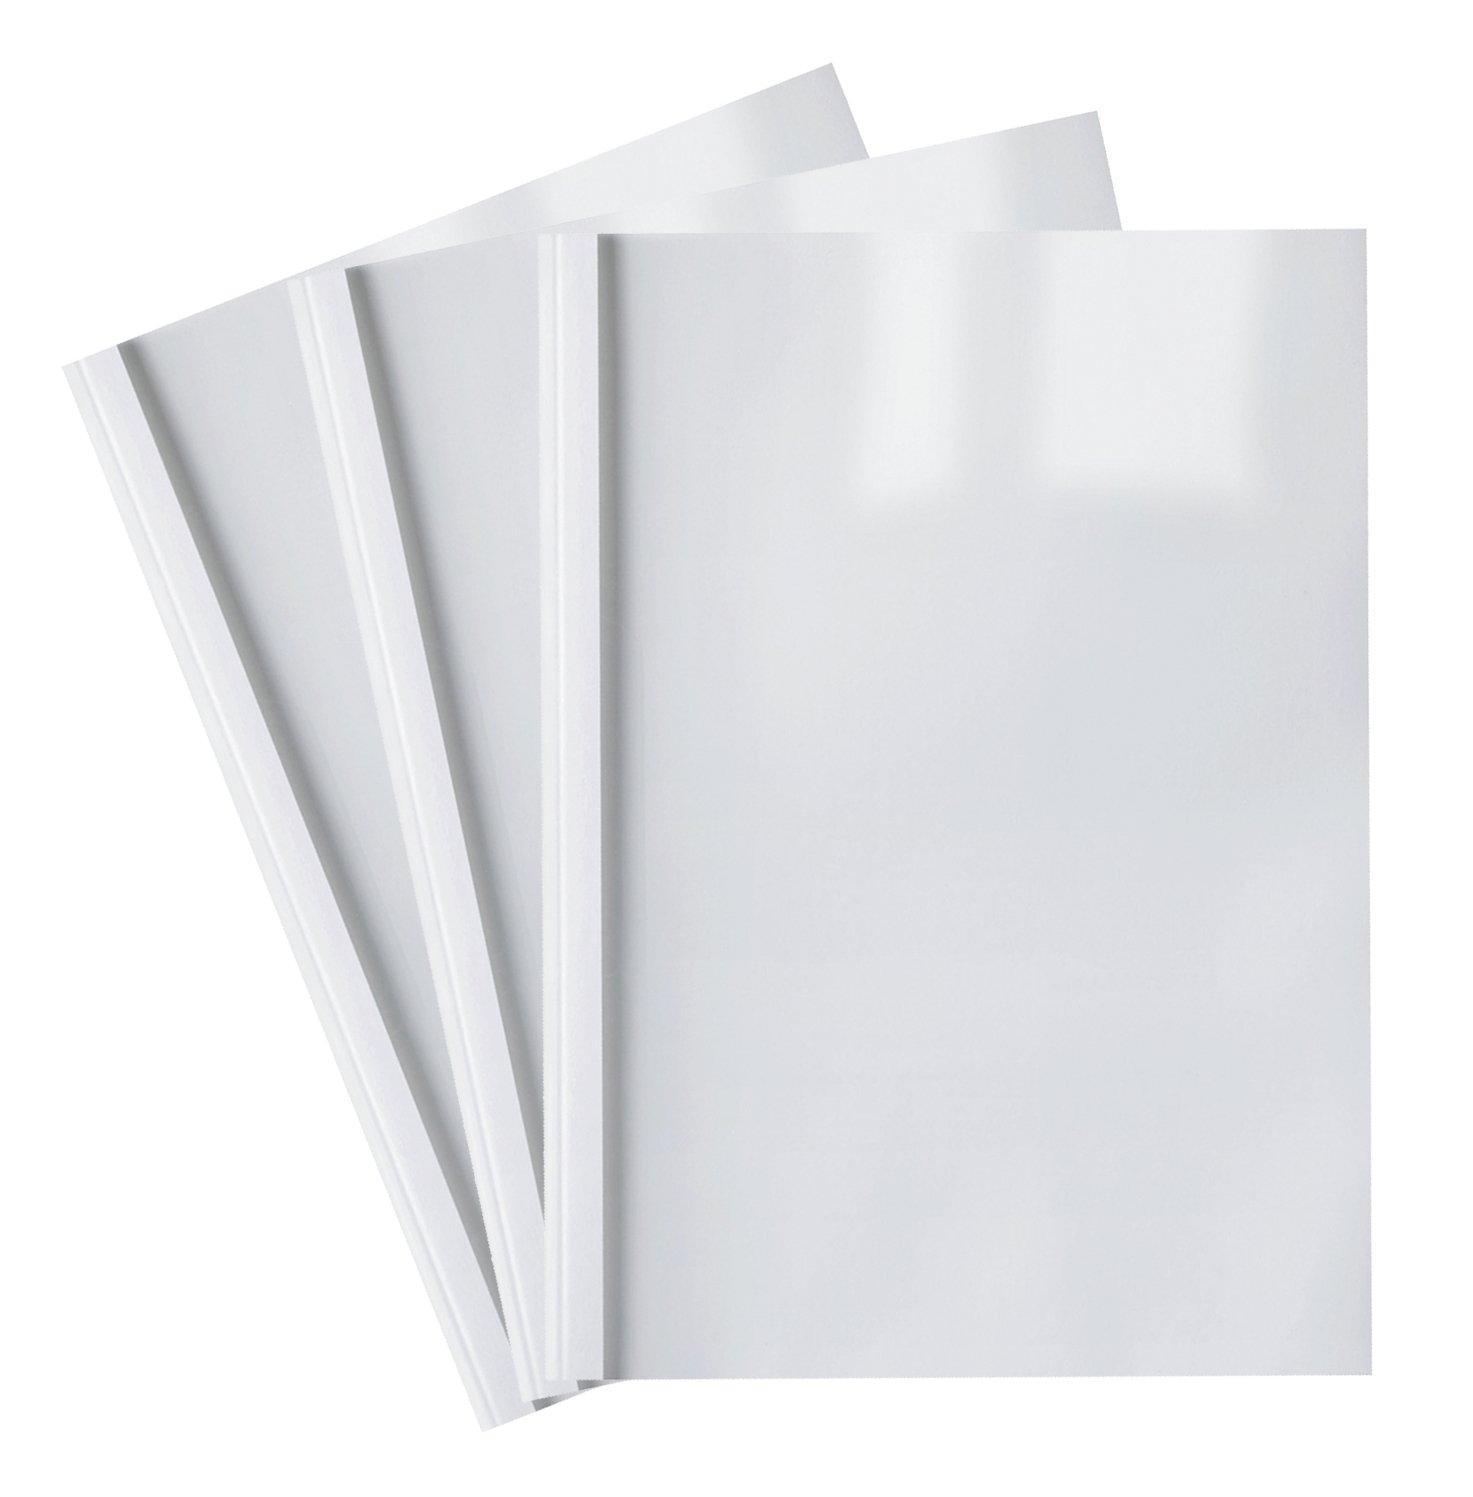 25 Thermobindemappen, weiß, 25.0 mm weiß FALAMBI / BestPreisArtikel